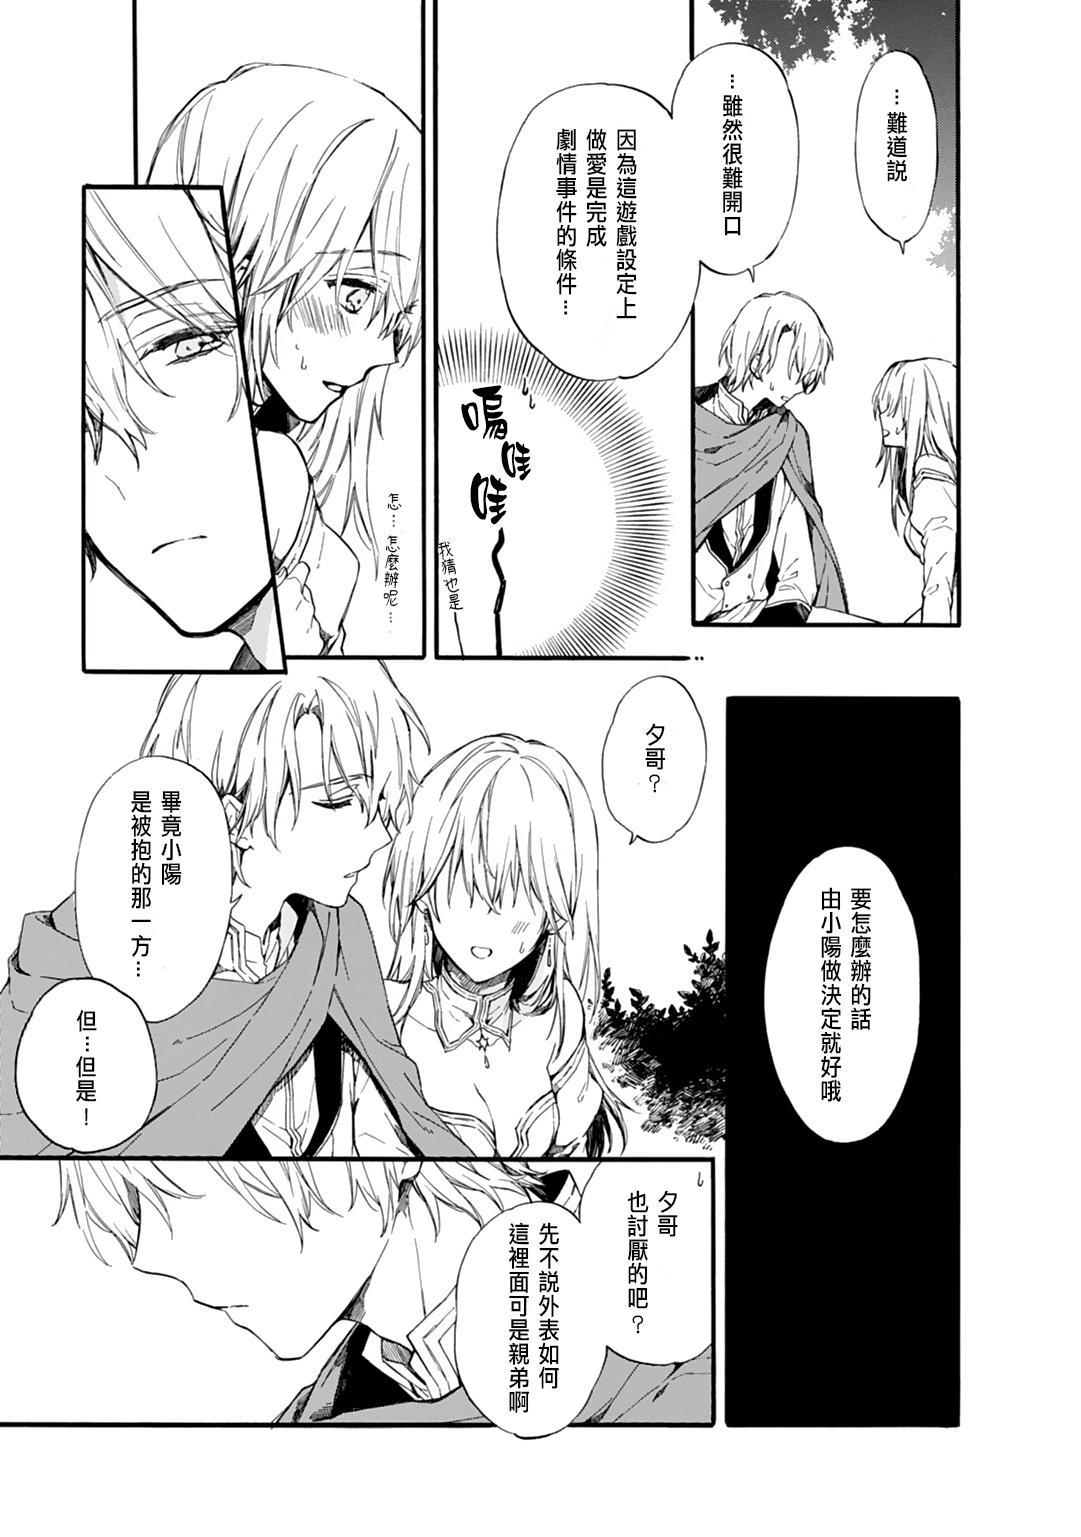 [Suzushiro Nerita] Otomege (18-kin) de Nyotaika shita Ore wa ~Clear Jouken wa Dekiai Ecchi!?~ 1-3 [Chinese] 14